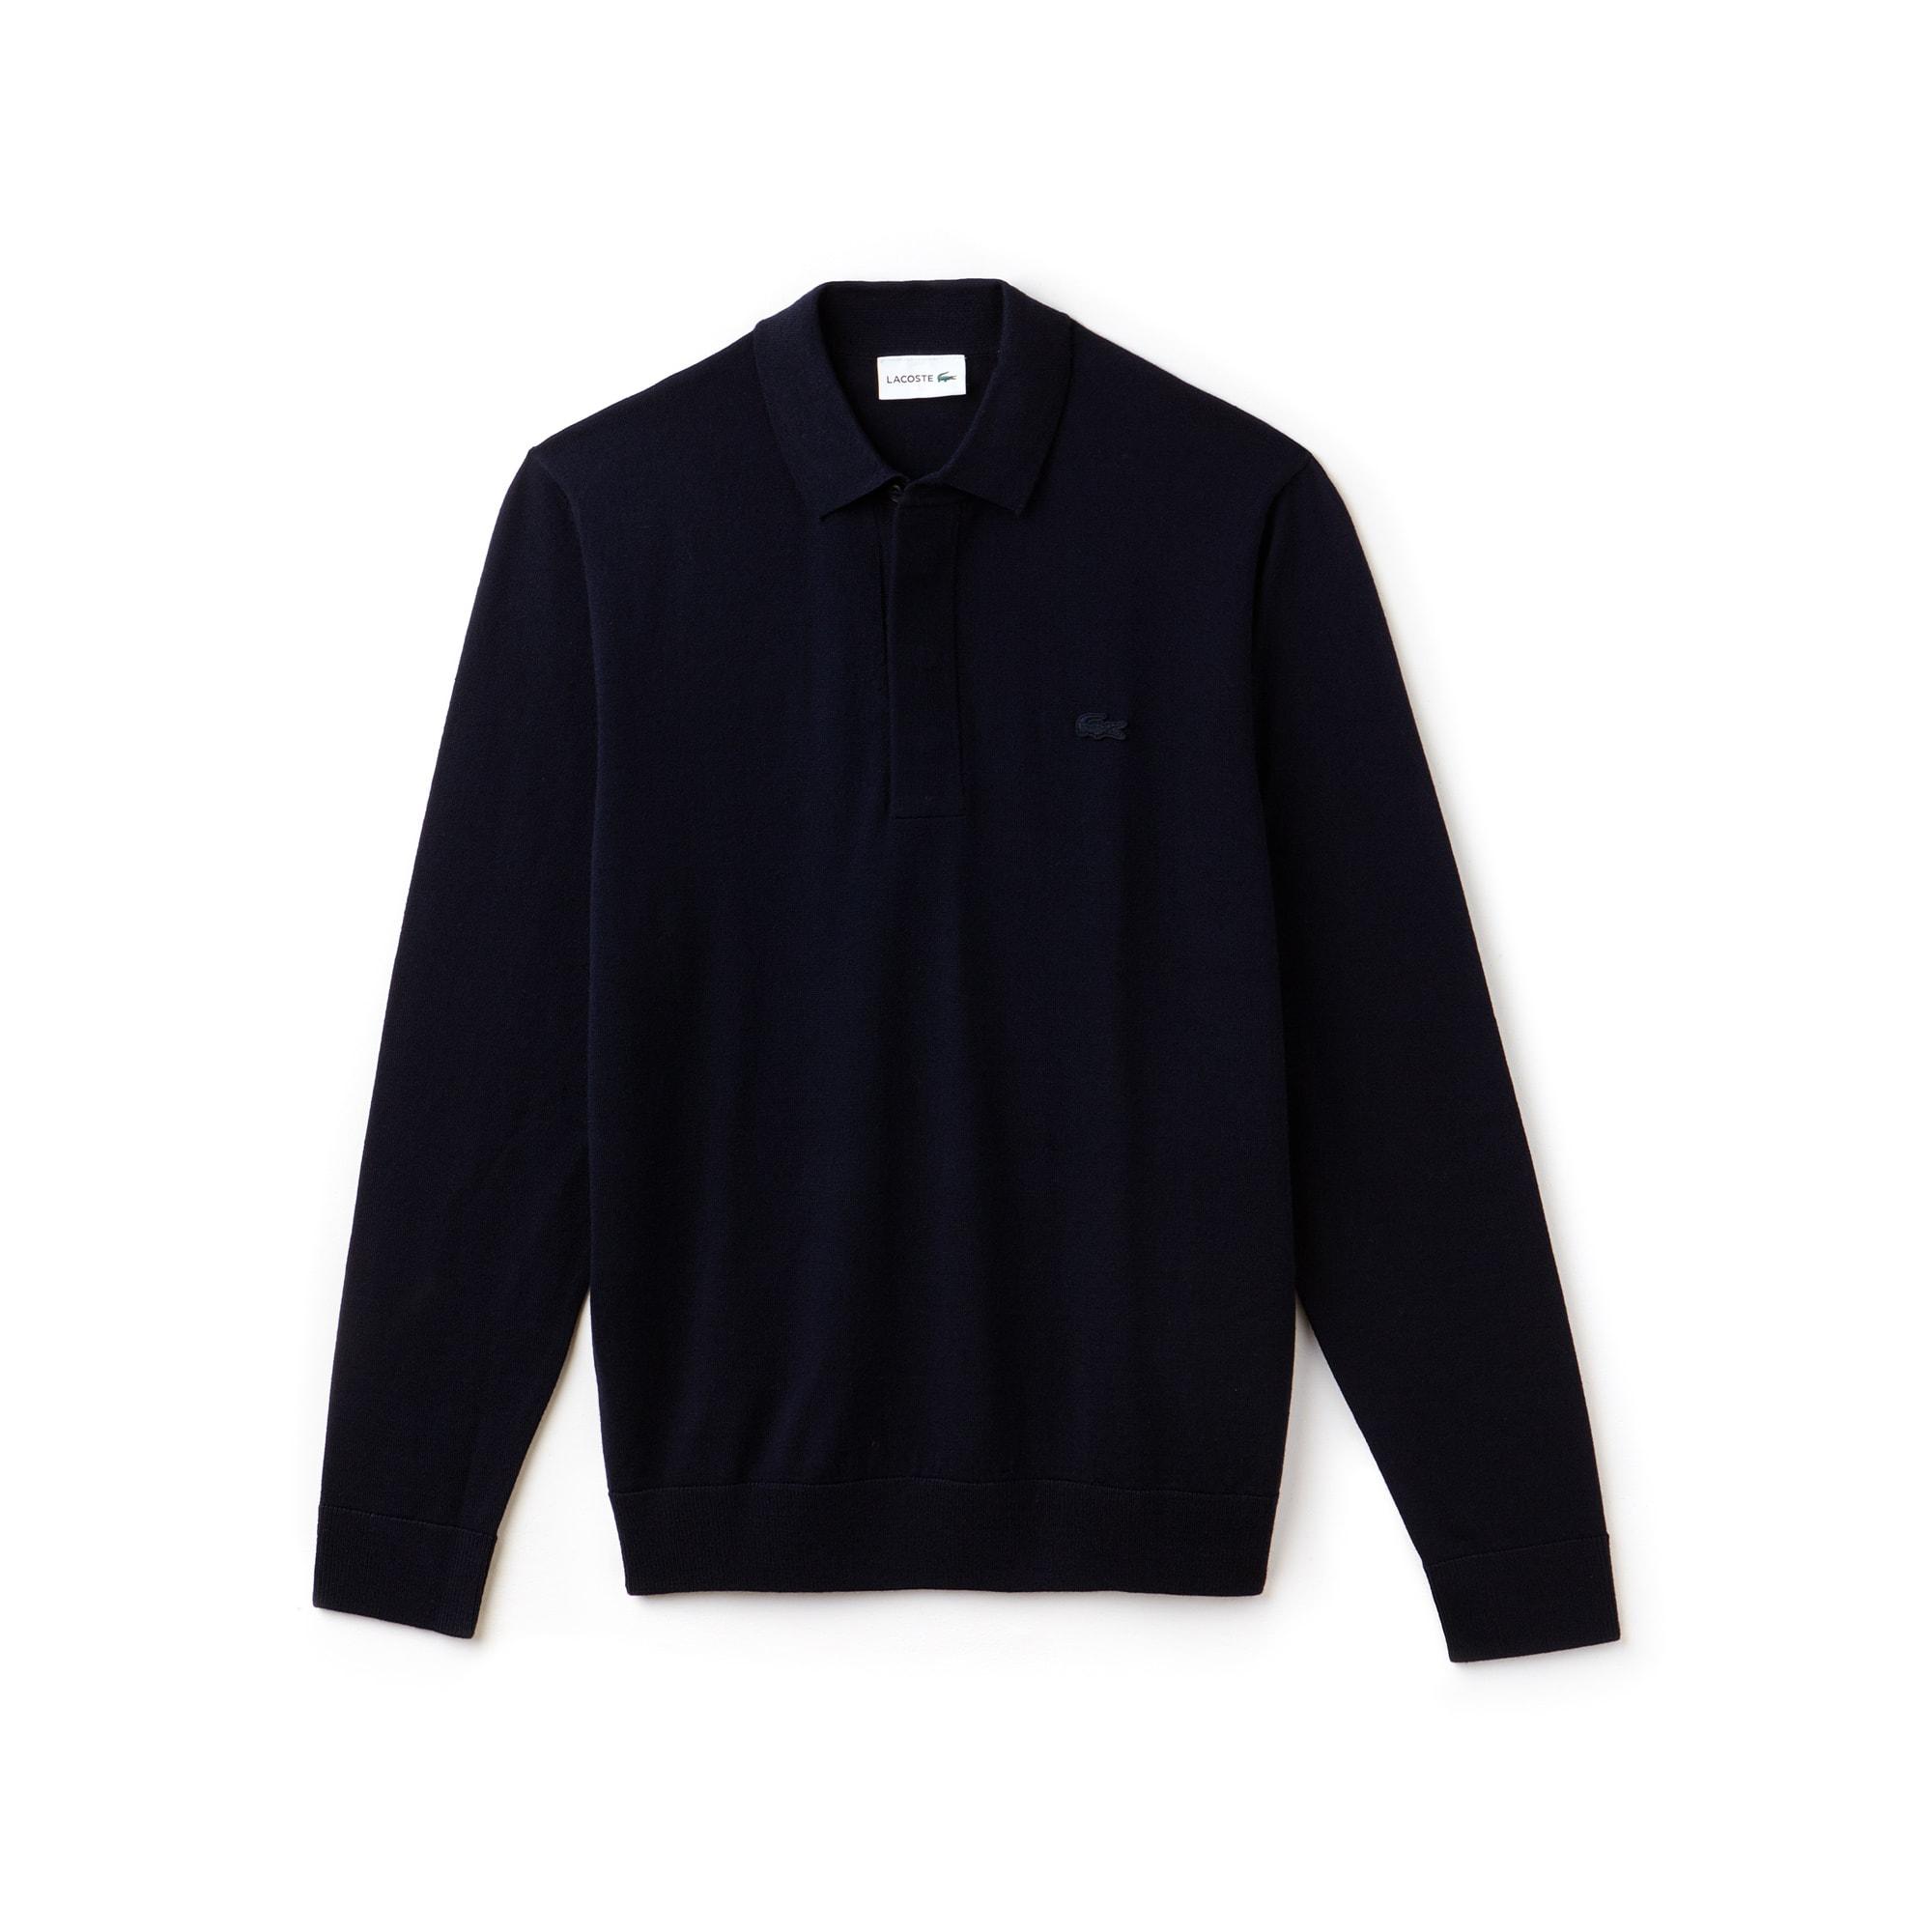 Herren Pullover aus Woll-Jersey